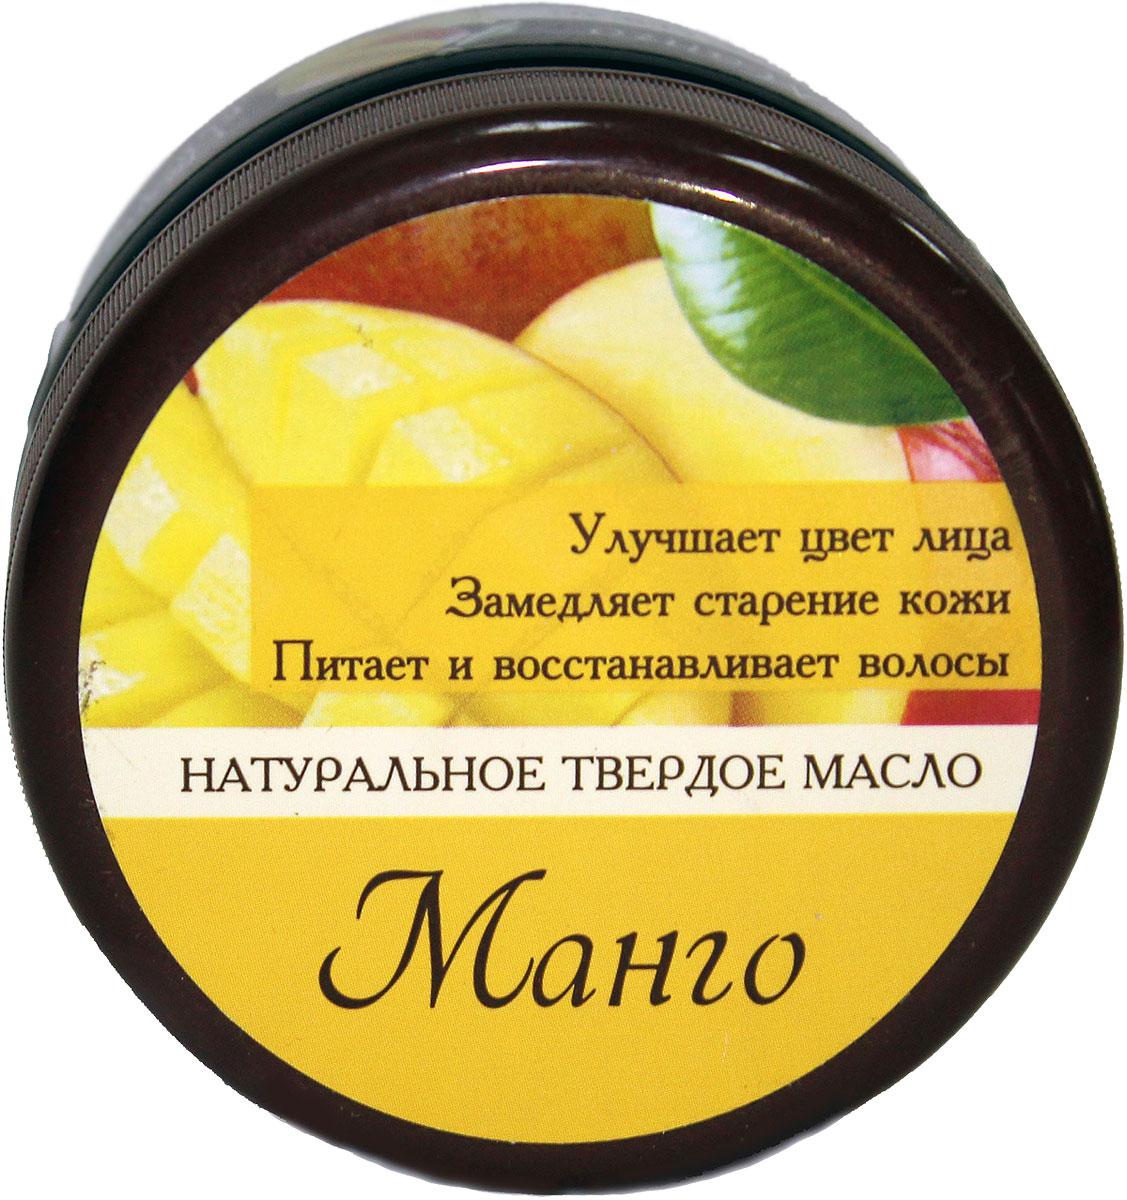 ARS Натуральное масло-баттер Манго, 75 гАРС-2517Масло ARS Манго обеспечивает увлажнение кожи в течение всего дня и восстанавливает мягкость, свежесть и нежность потрескавшихся и обветренных губ.Масло способствует устранению сухости кожи, успокаивает и восстанавливает ее после нахождения на солнце, способствует заживлению, питает волосы и восстанавливает их структуру.